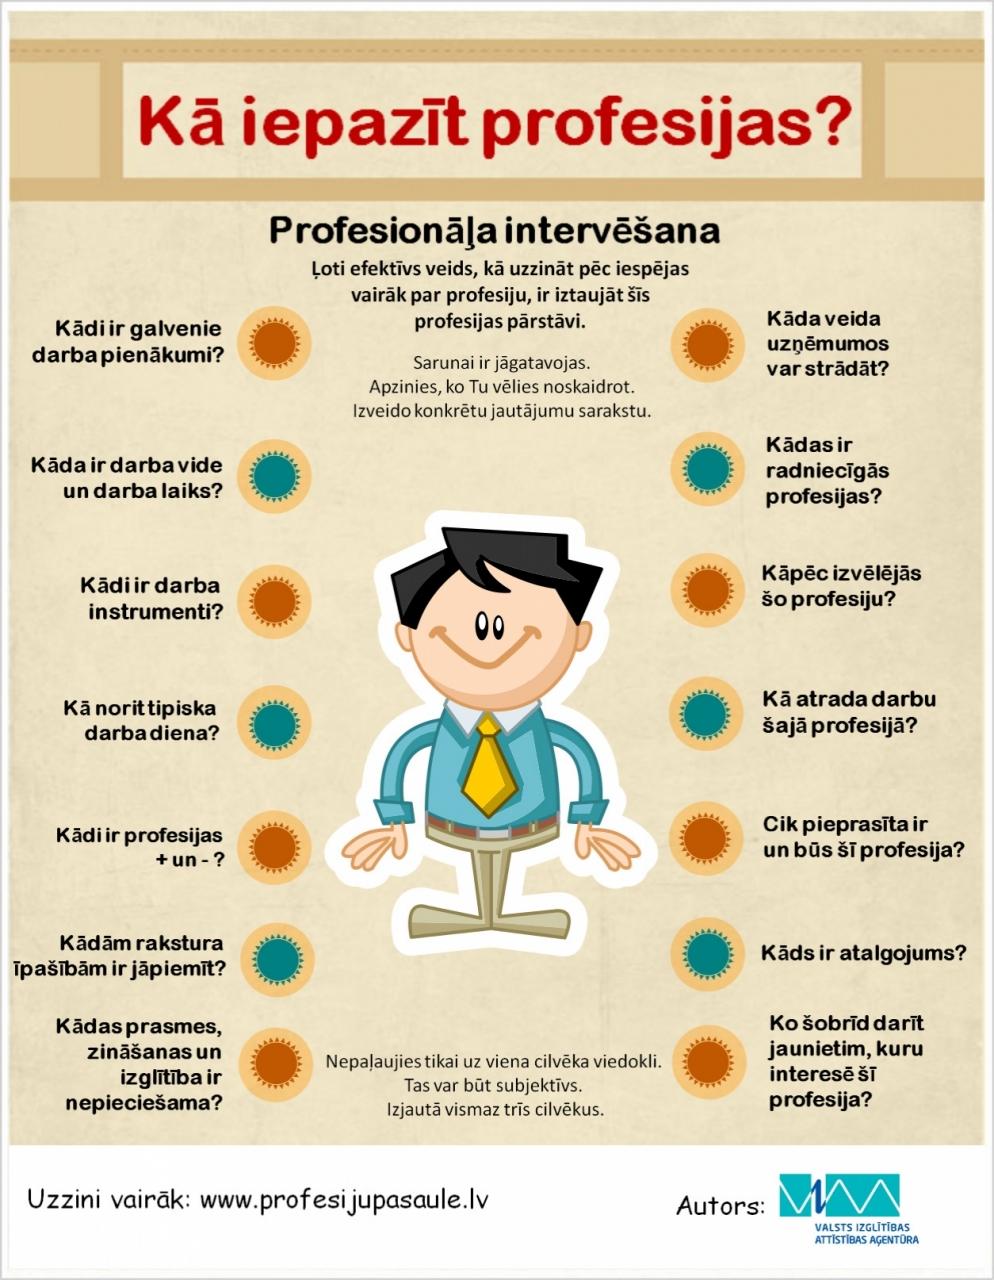 Kā iepazīt profesijas?